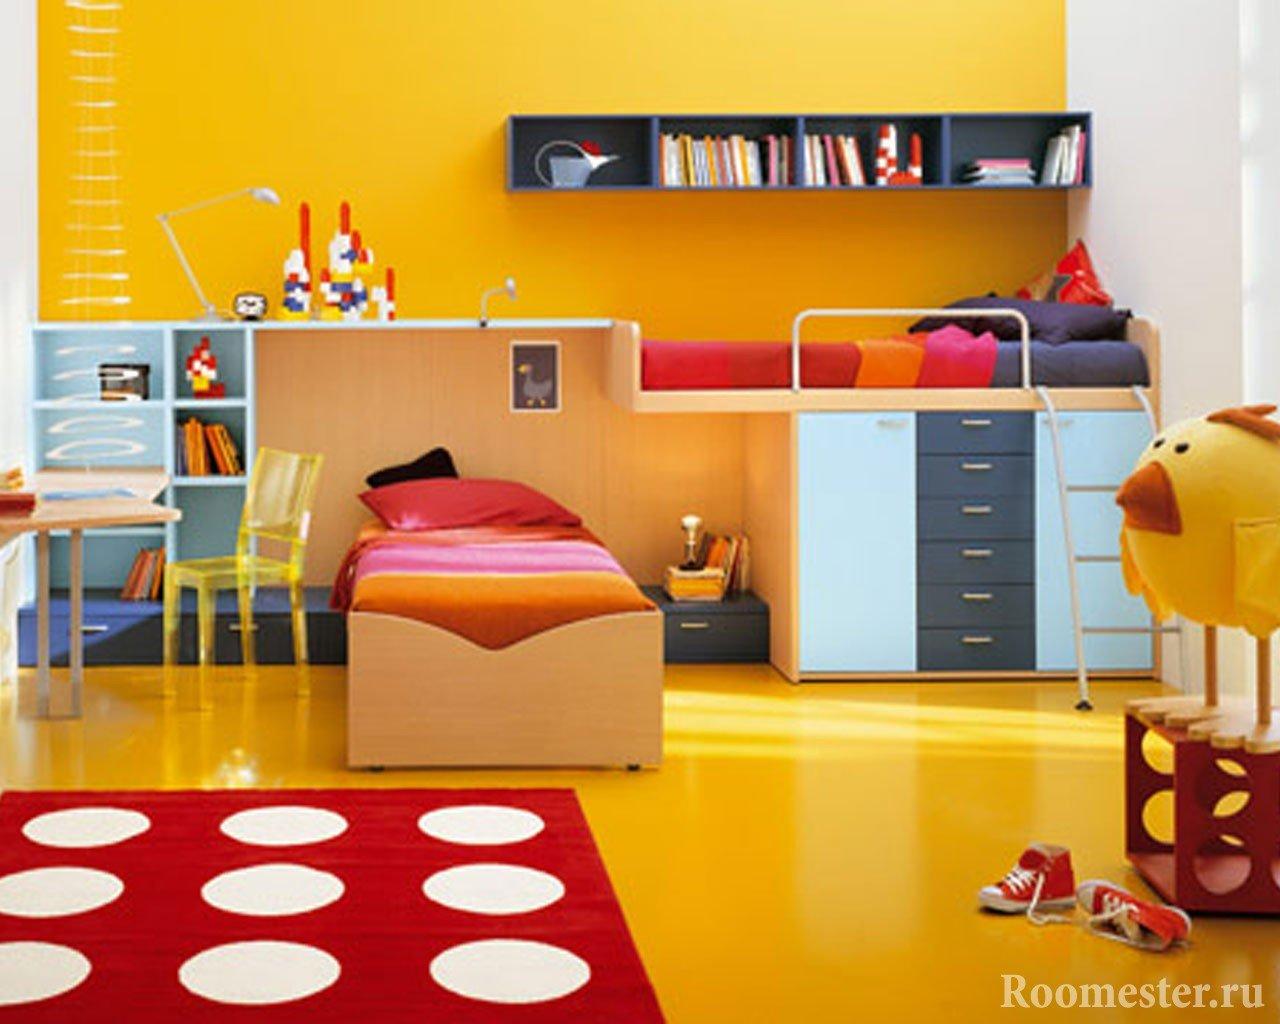 Яркая желтая детская с красными элементами декора